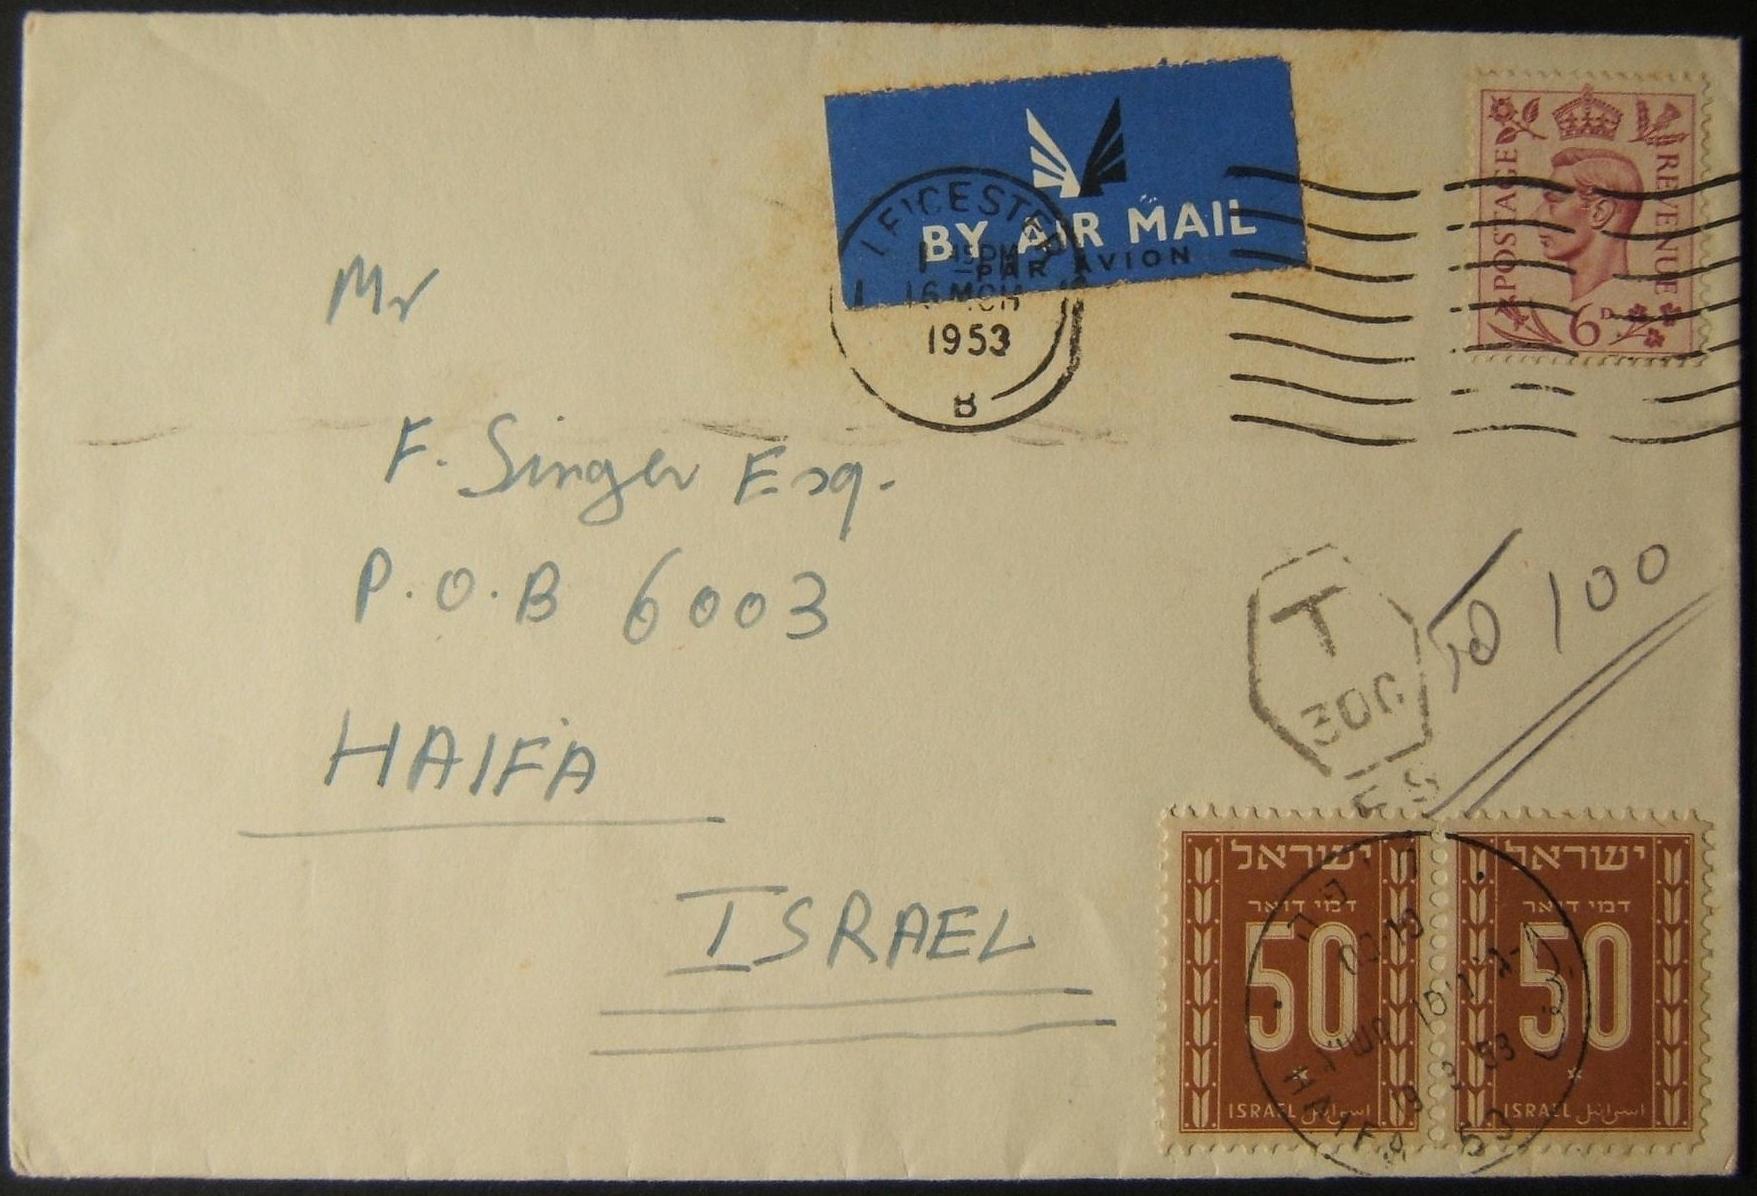 3/1953 خضعت خدمة البريد البريطاني للضرائب باستخدام طوابع بريد 2x50Pr الثانية